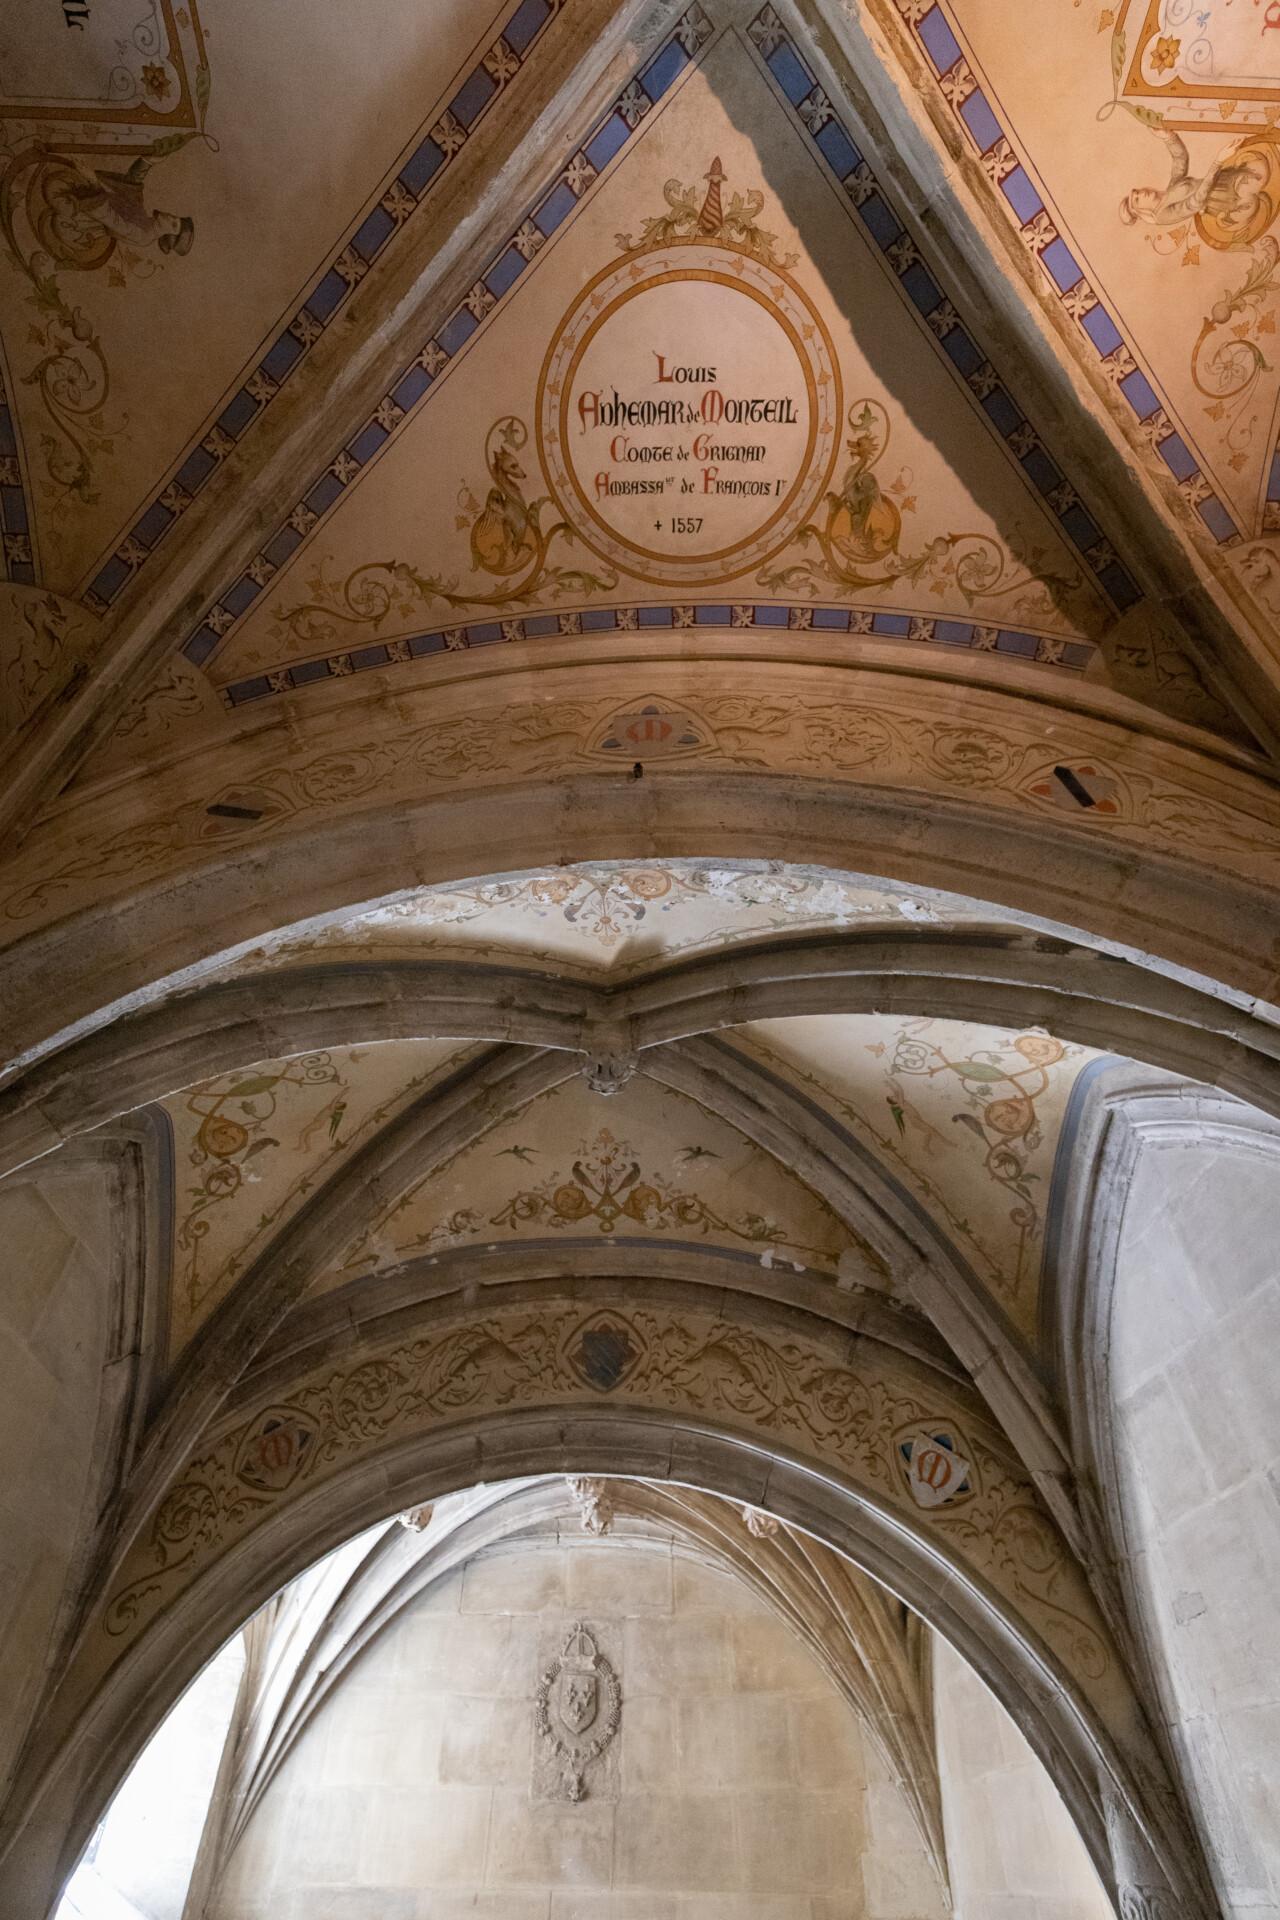 Plafond vouté en ogive au château de Grignan. On peut observer des décorations peinte dessus, nottamment un médaillon portant les mentions de l'ancien compte de Grignan, Louis Adhémar de Monteil